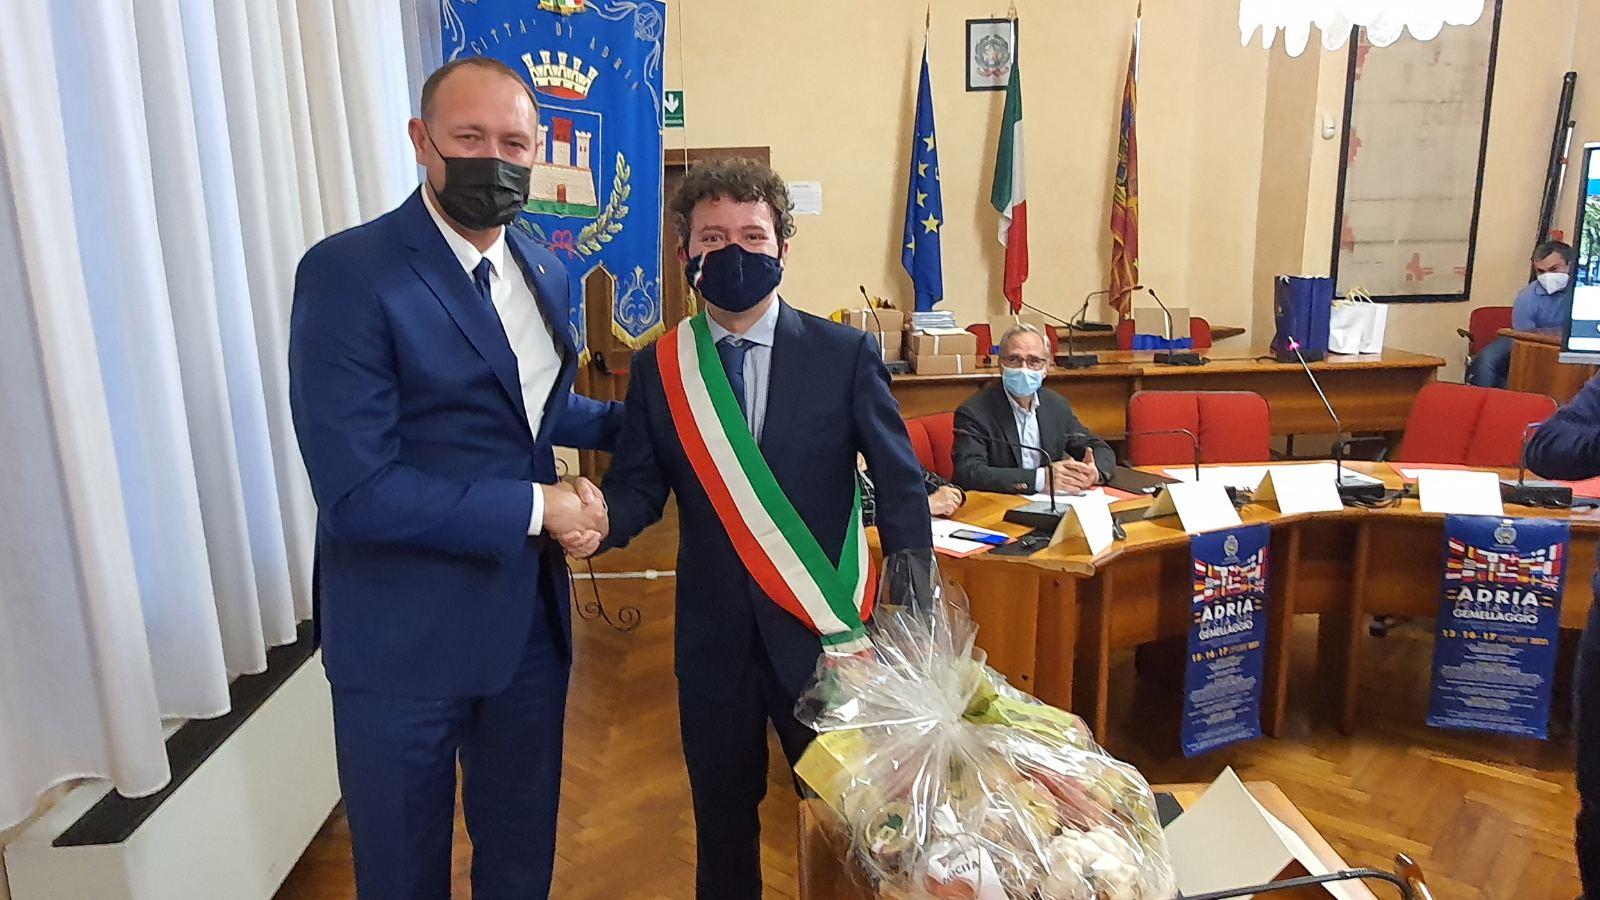 Grad Rovinj-Rovigno sudjelovao na Danima bratimljenih gradova u Adriji